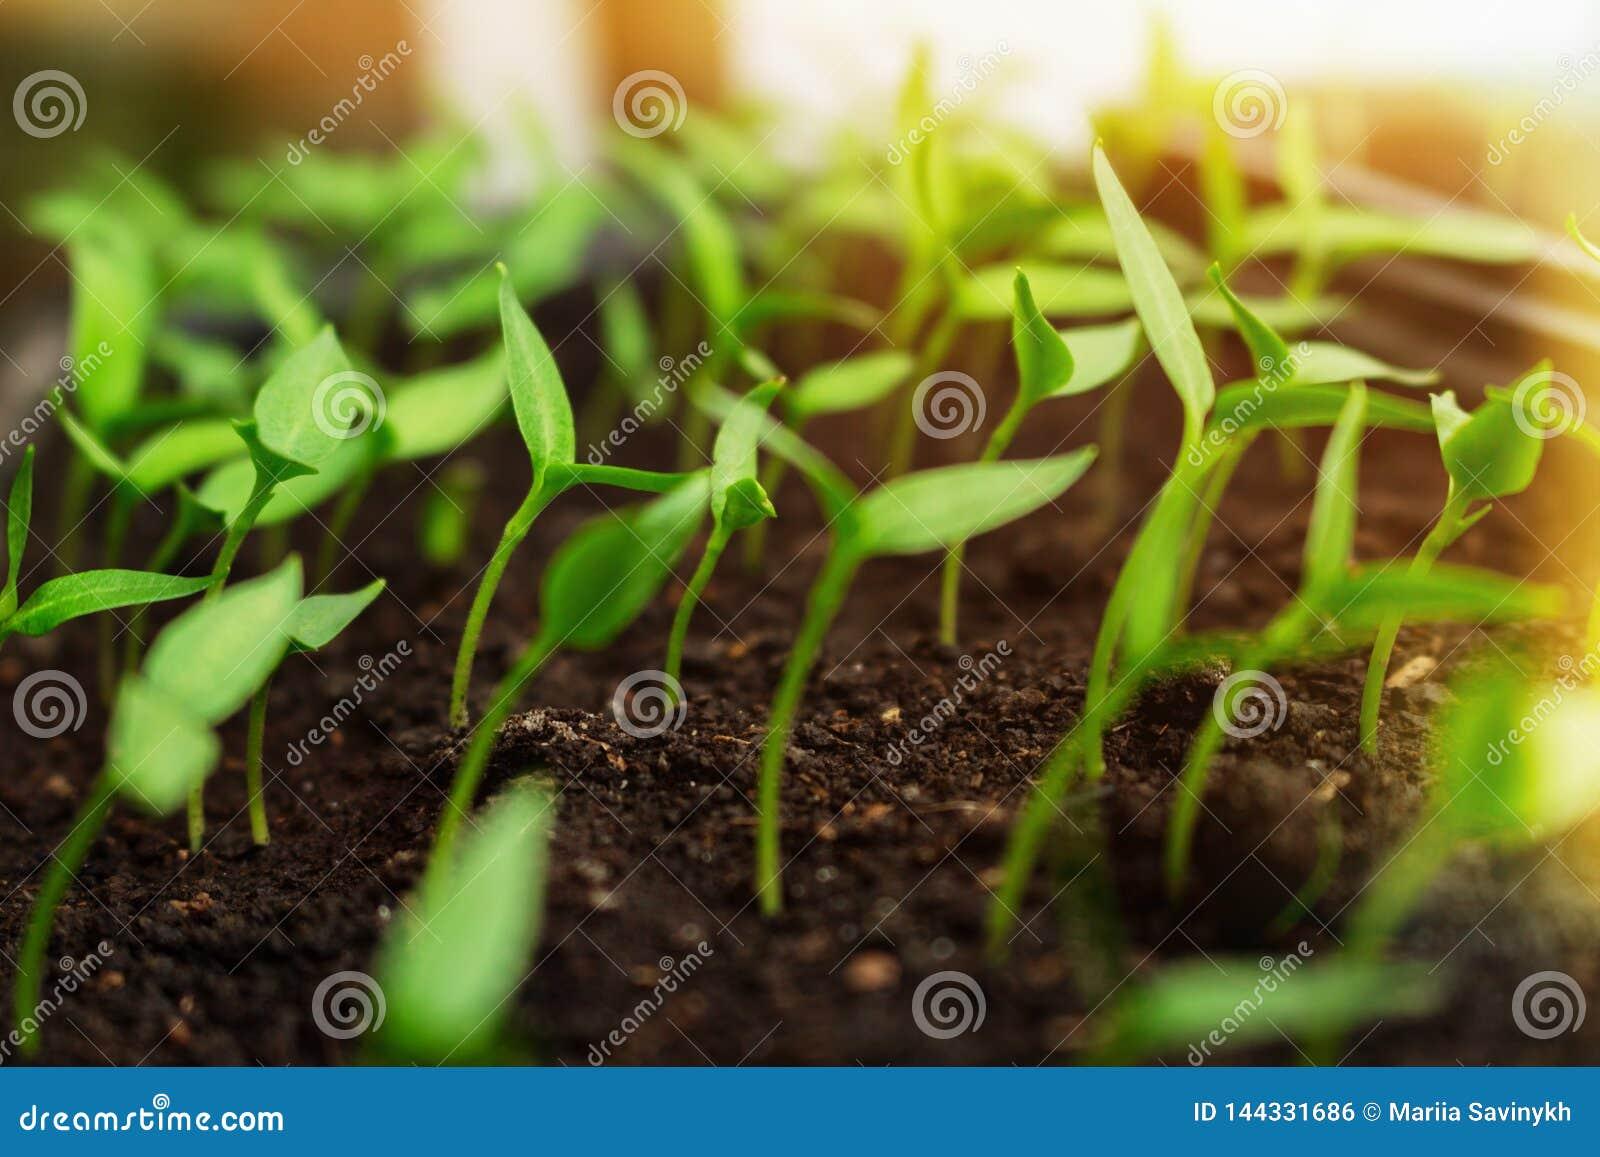 Piantine che crescono in scatole che raggiungono per la luce solare brillante Concetto rurale agricolo di ecologia